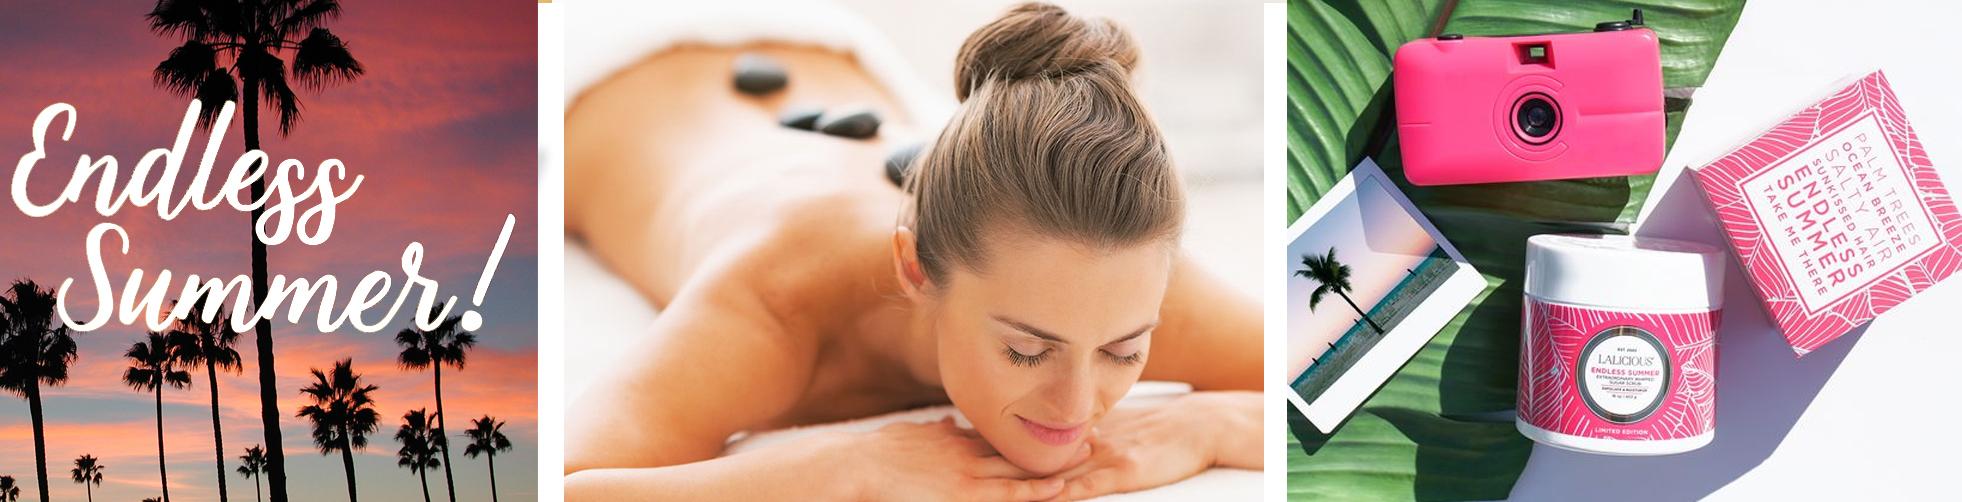 spa special body treatment brea